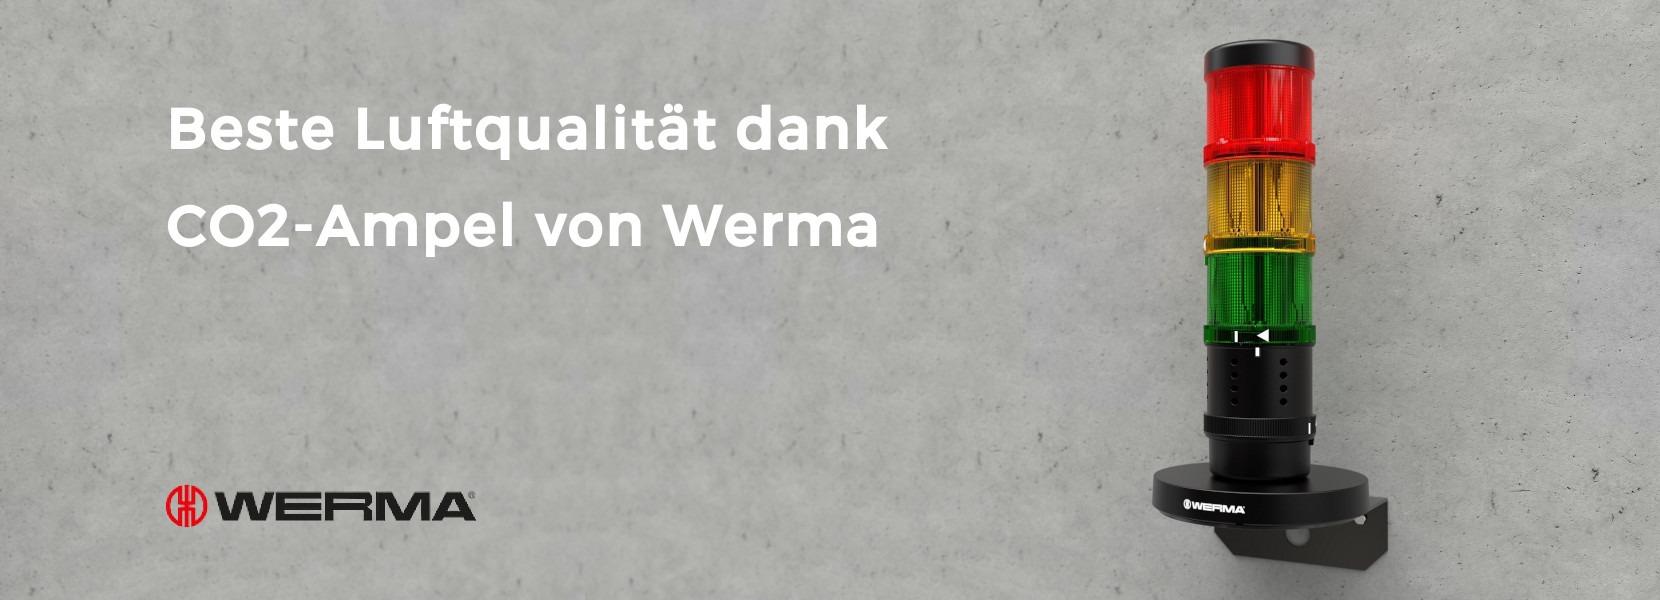 Beste Luftqualität dank CO2-Ampel von Werma